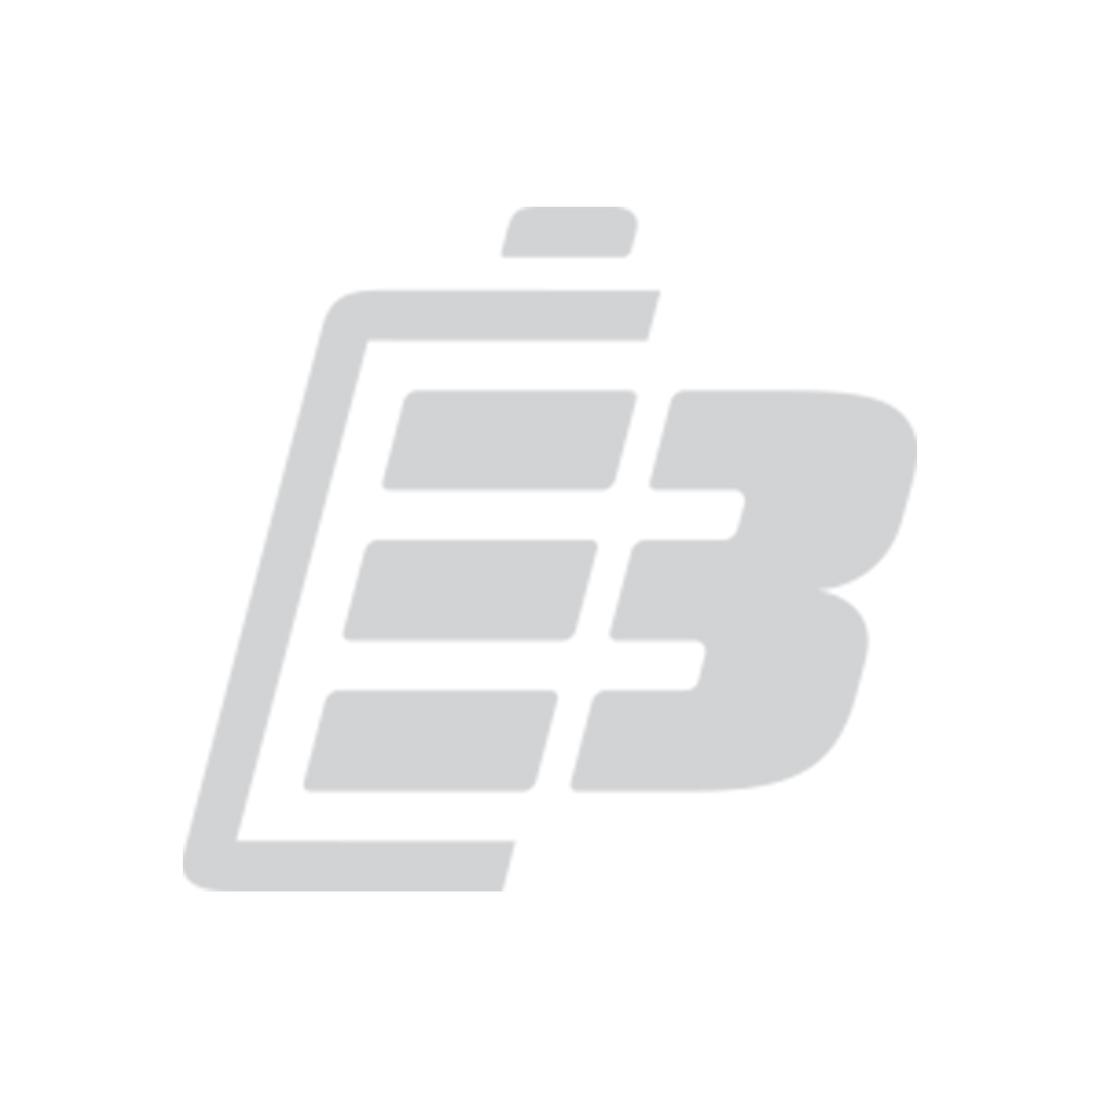 Μπαταρία barcode scanner Symbol MC9000_1